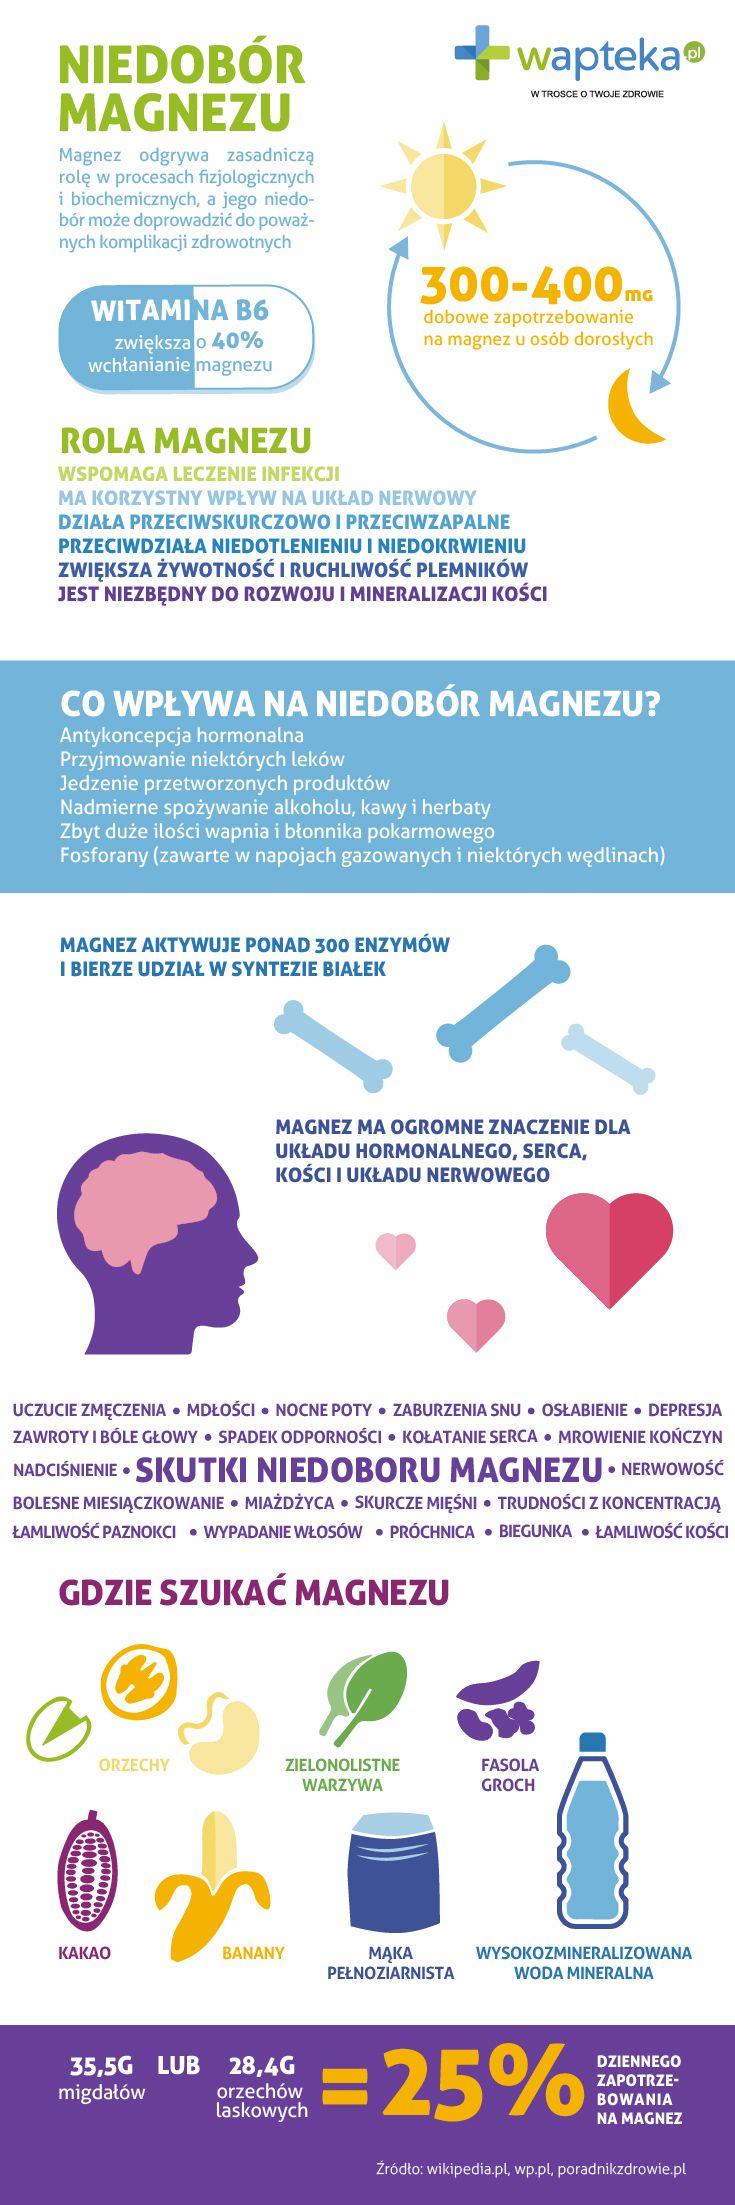 Jedna z częstych przypadłości - niedobór magnezu. Warto wiedzieć co jest przyczyną i jak zapobiegać dolegliwości.   http://www.wapteka.pl/blog/niedobor-magnezu-w-organizmie/